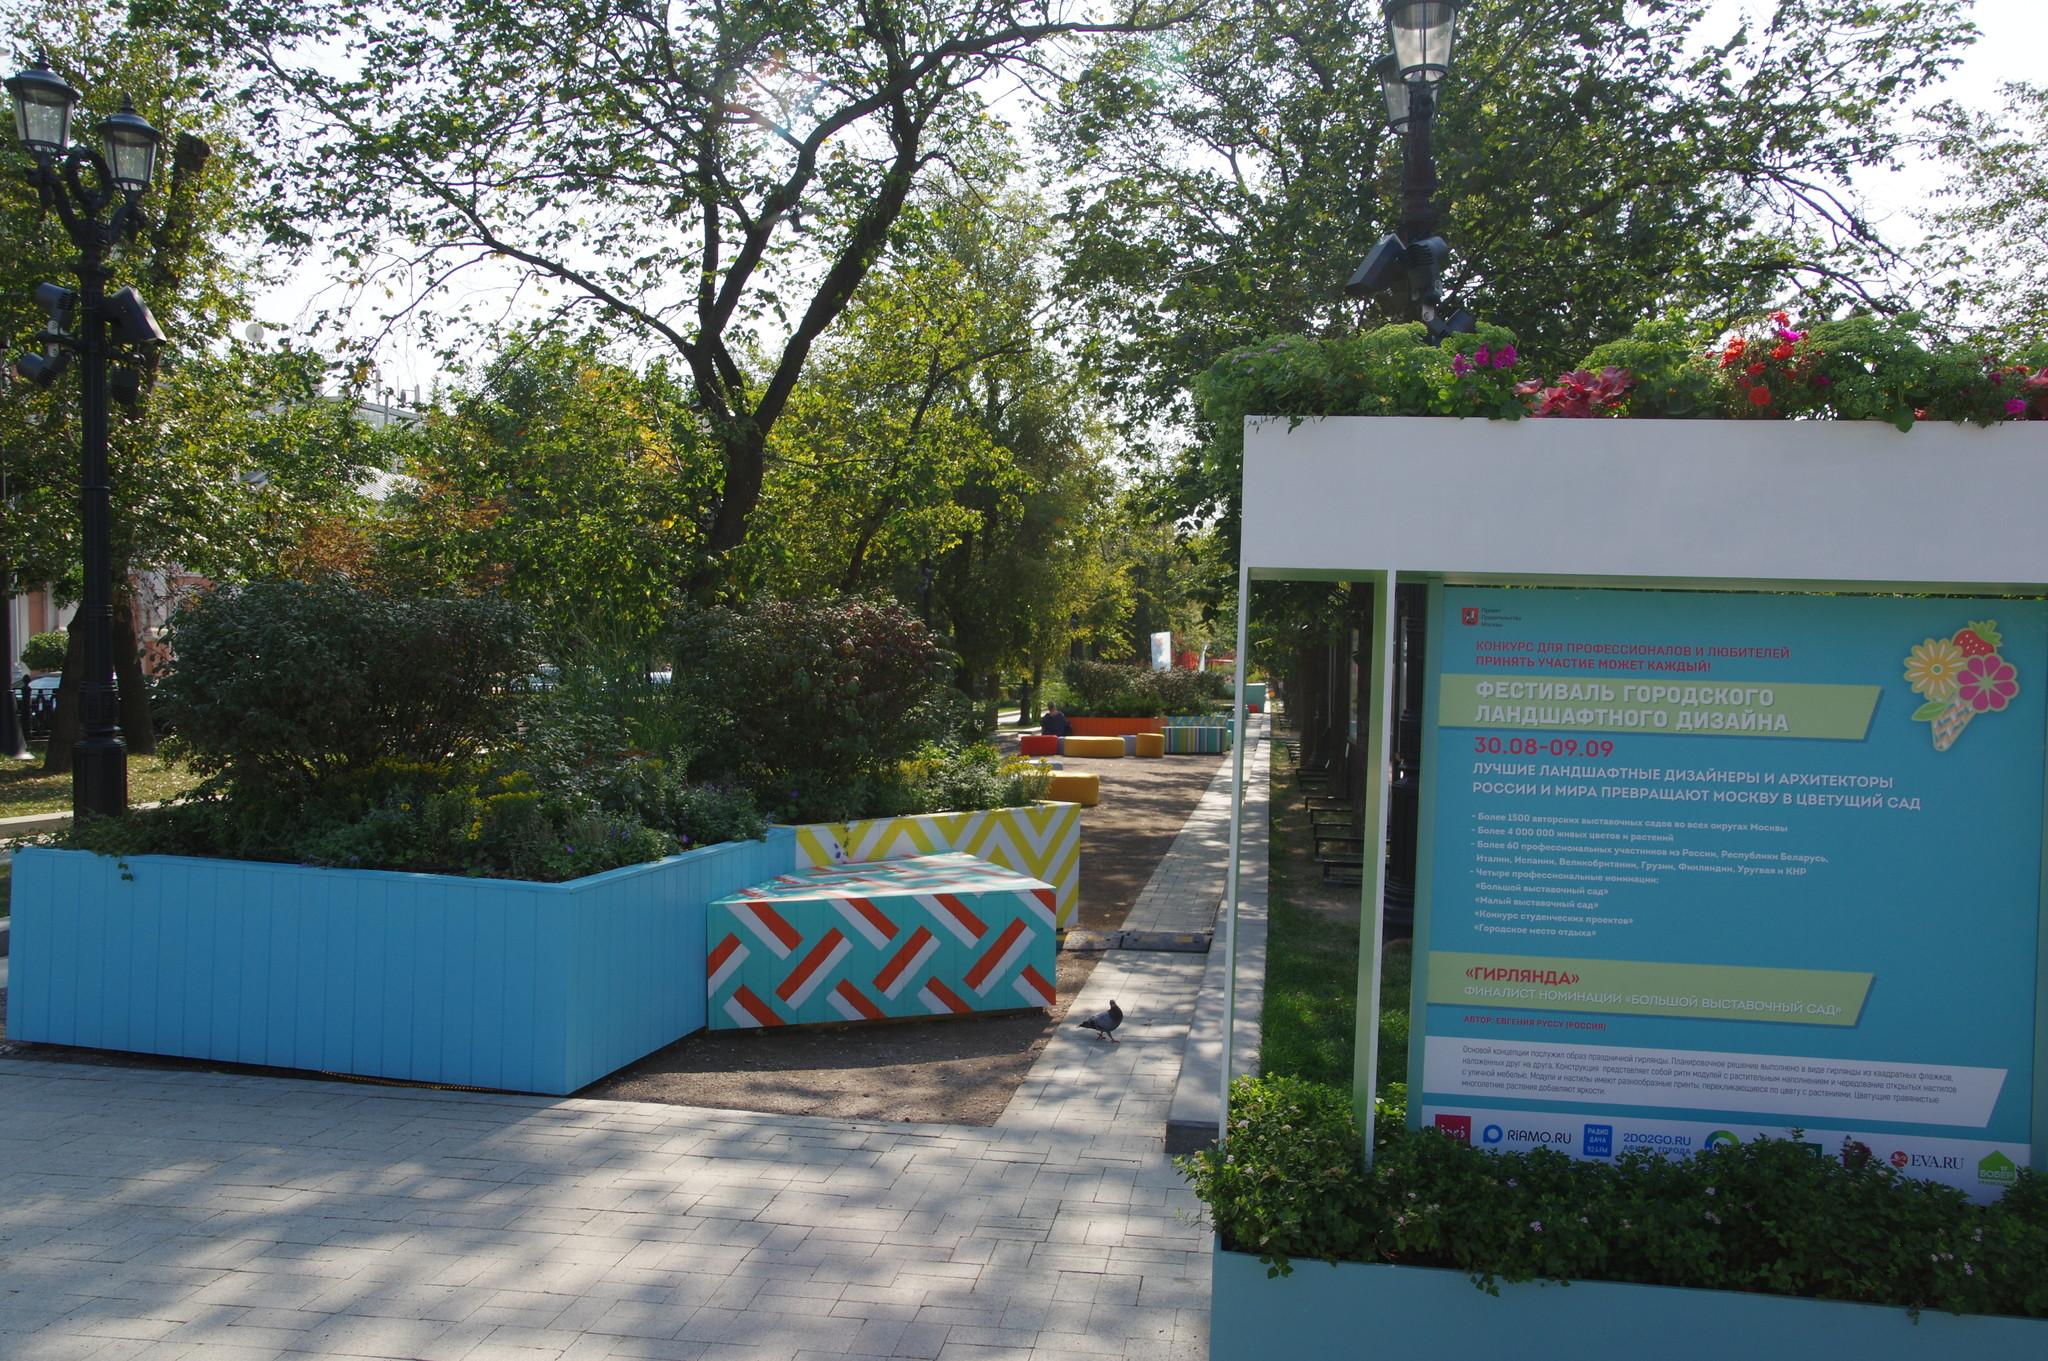 Фестиваль городского ландшафтного дизайна «Цветочный джем» на Тверском бульваре